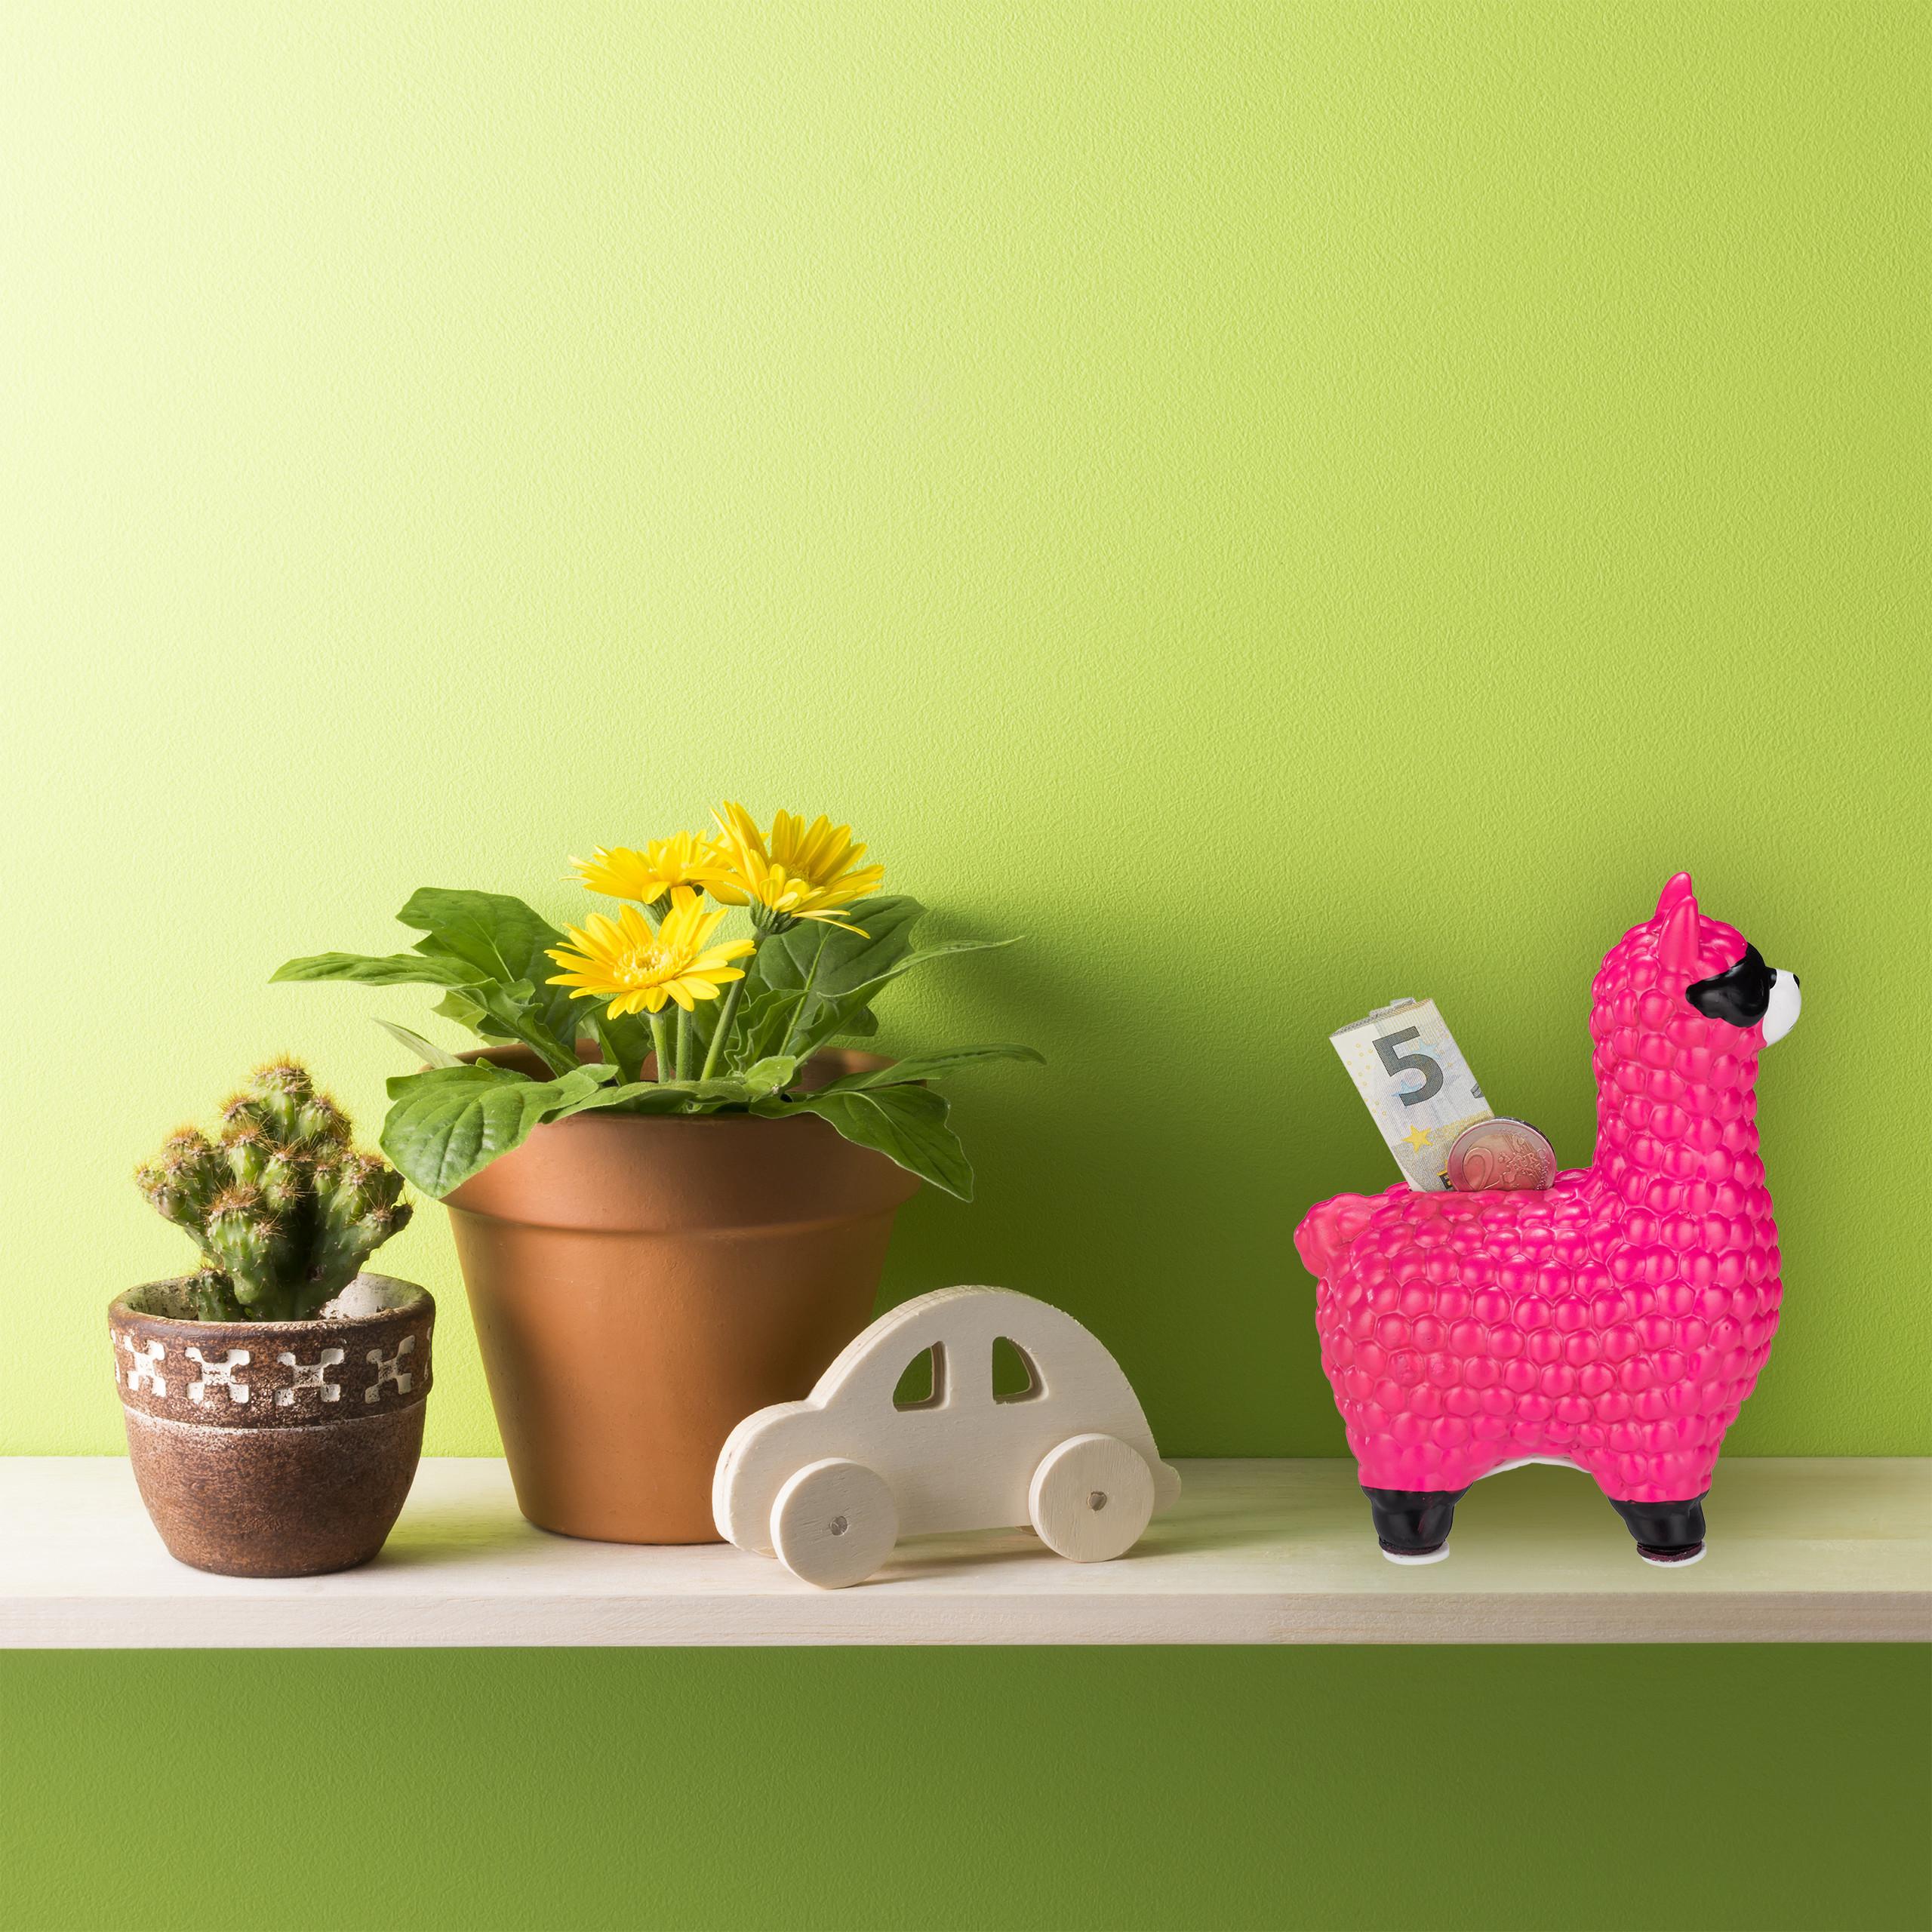 Lama Spardose mit Sonnenbrille Sparbüchse Keramik Sparschwein Alpaka Gelddose